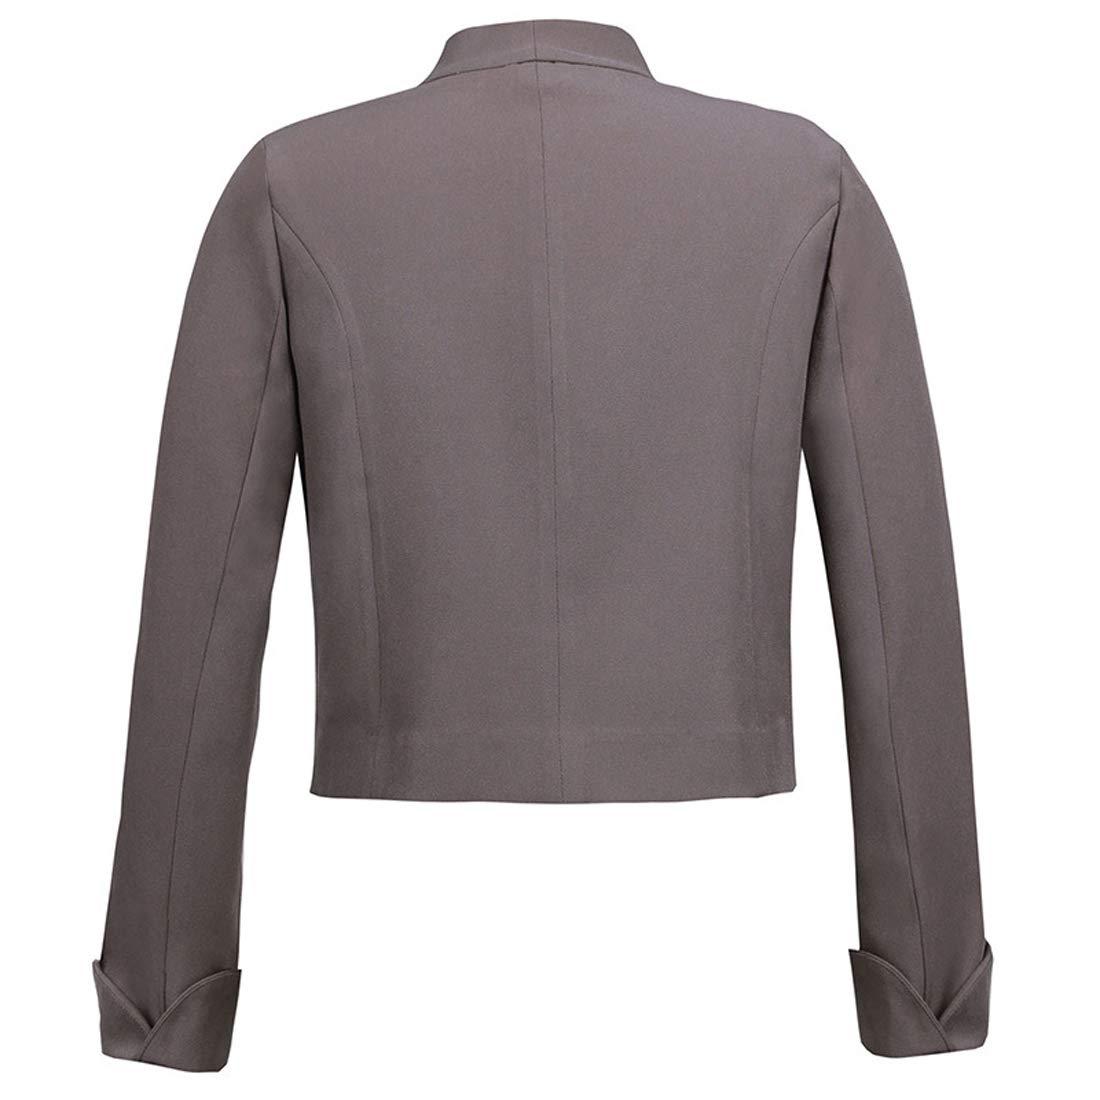 Primavera Autunno Donne Bolero Moda Irregolare Corto Coat Giubbotto Outwear Cardigan Casual Manica Lunga Giacche Cappotti Cime Jacket Blazer